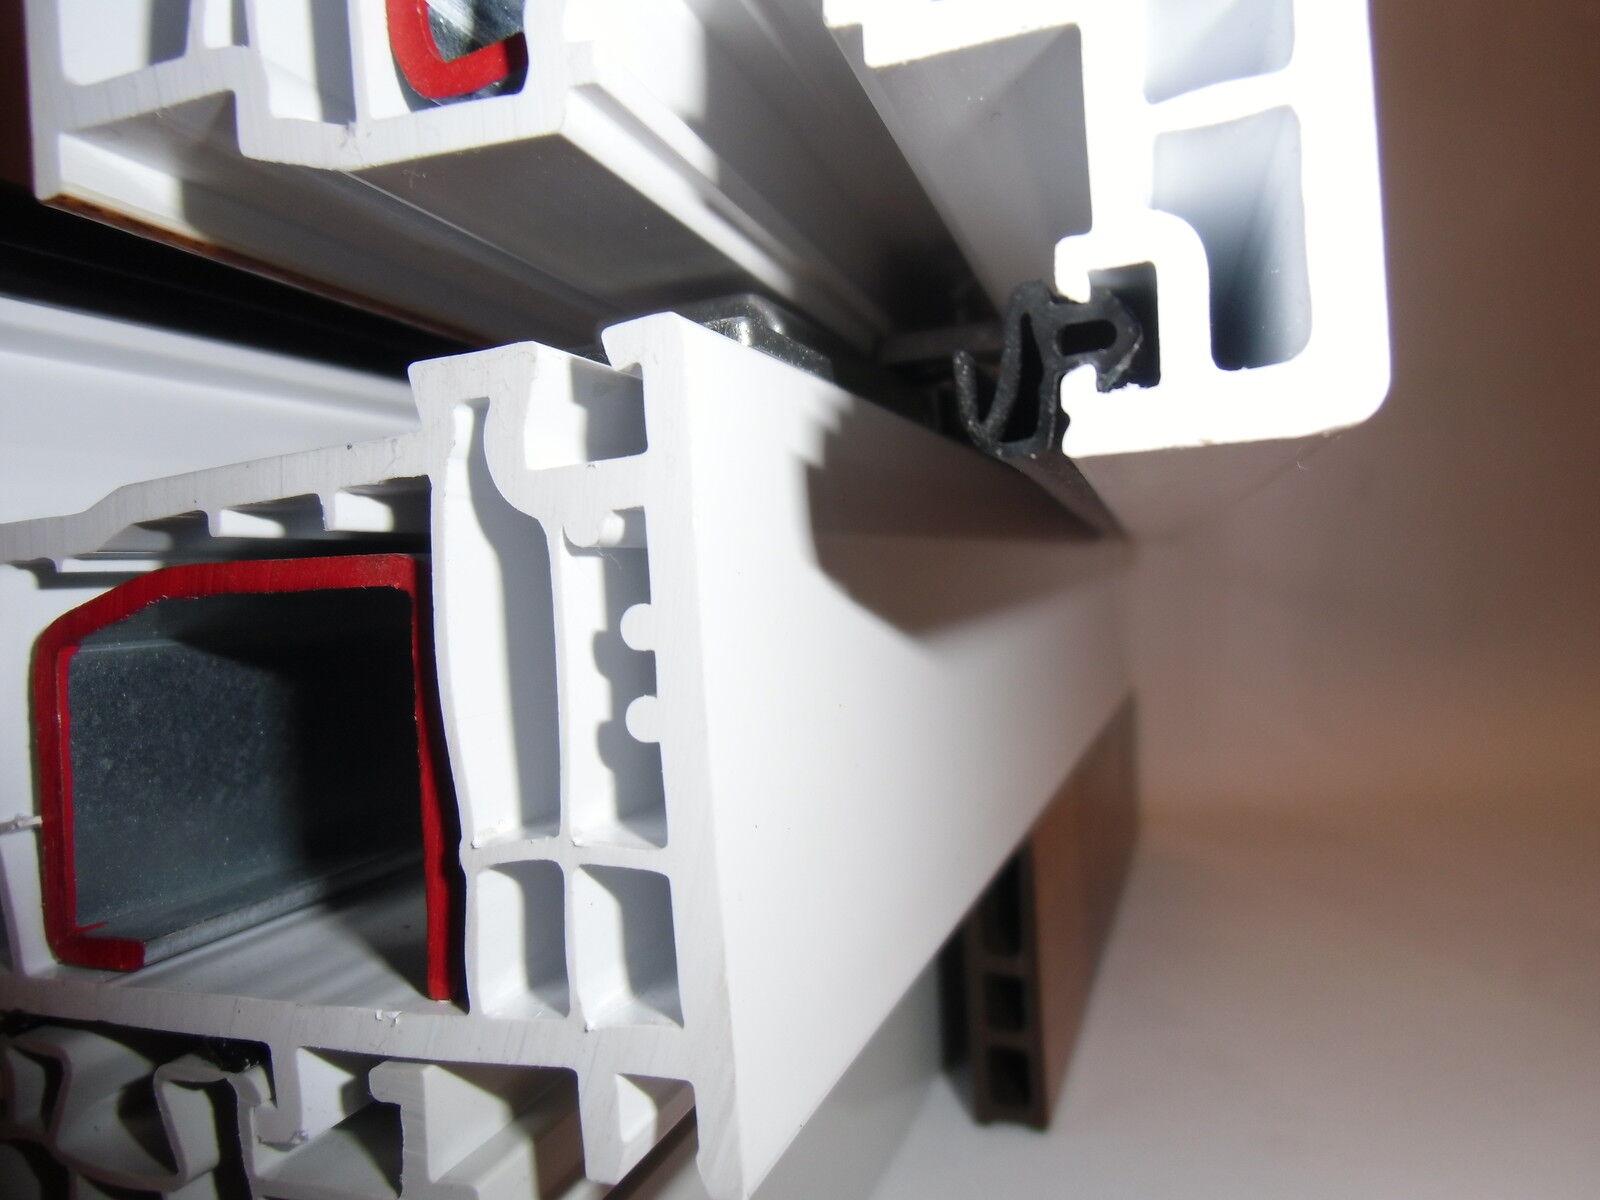 65m Fensterdichtung Dichtgummi EPDM Typ  S1 S1 S1  lichtgrau | Clever und praktisch  283502